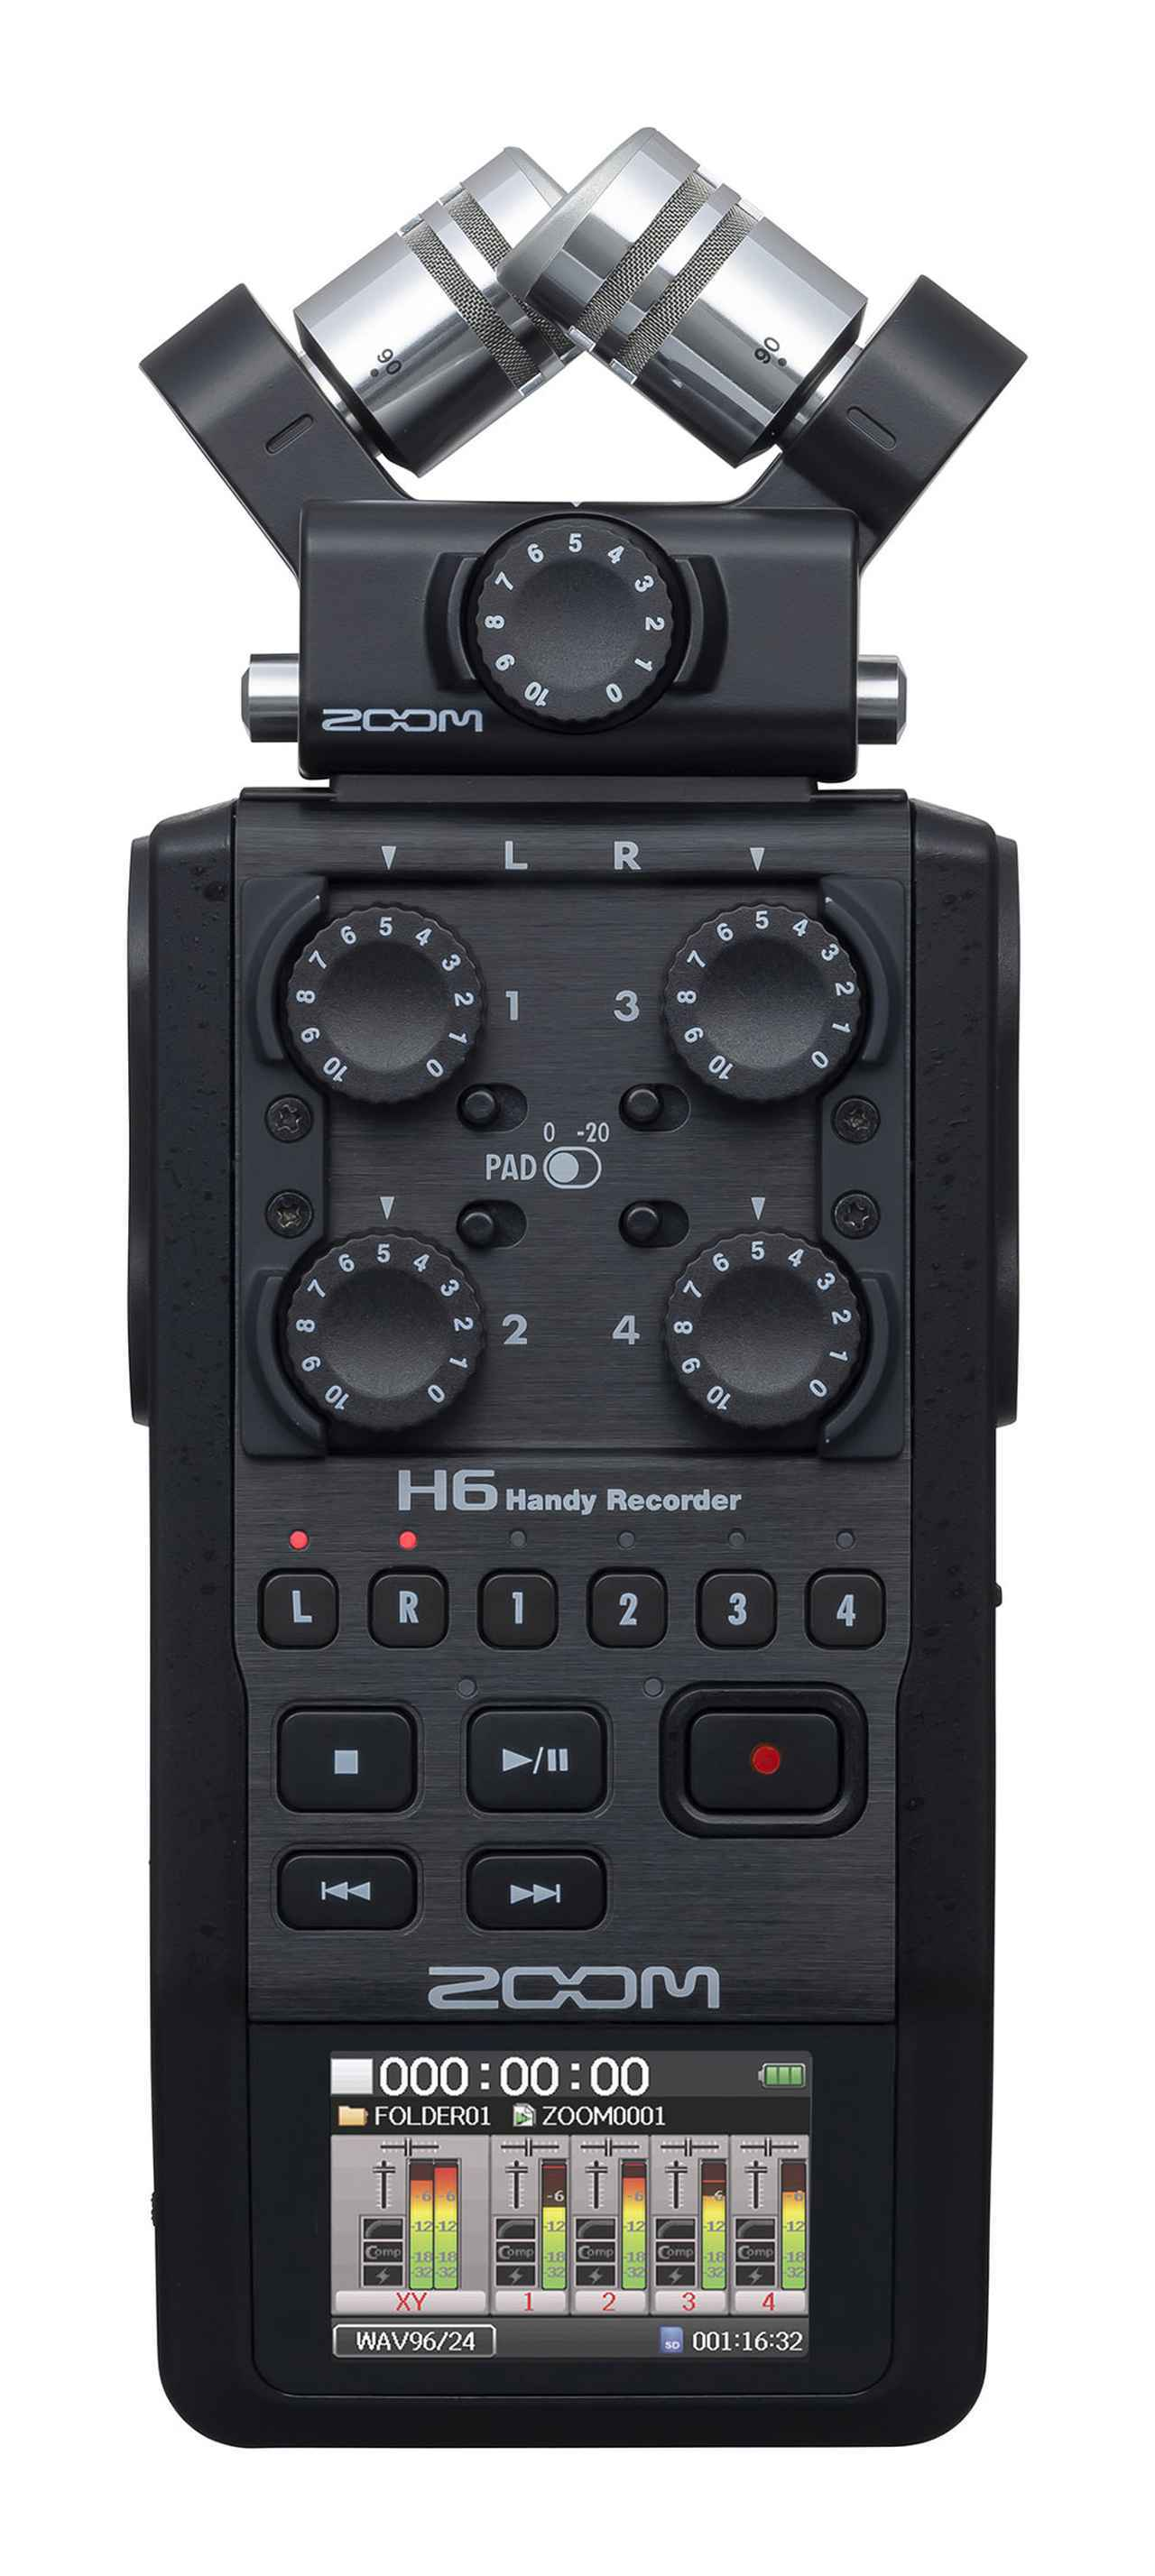 画像: ZOOM、人気のポータブルPCMレコーダー「H6」にブラック・エディション「H6/BLK」が登場